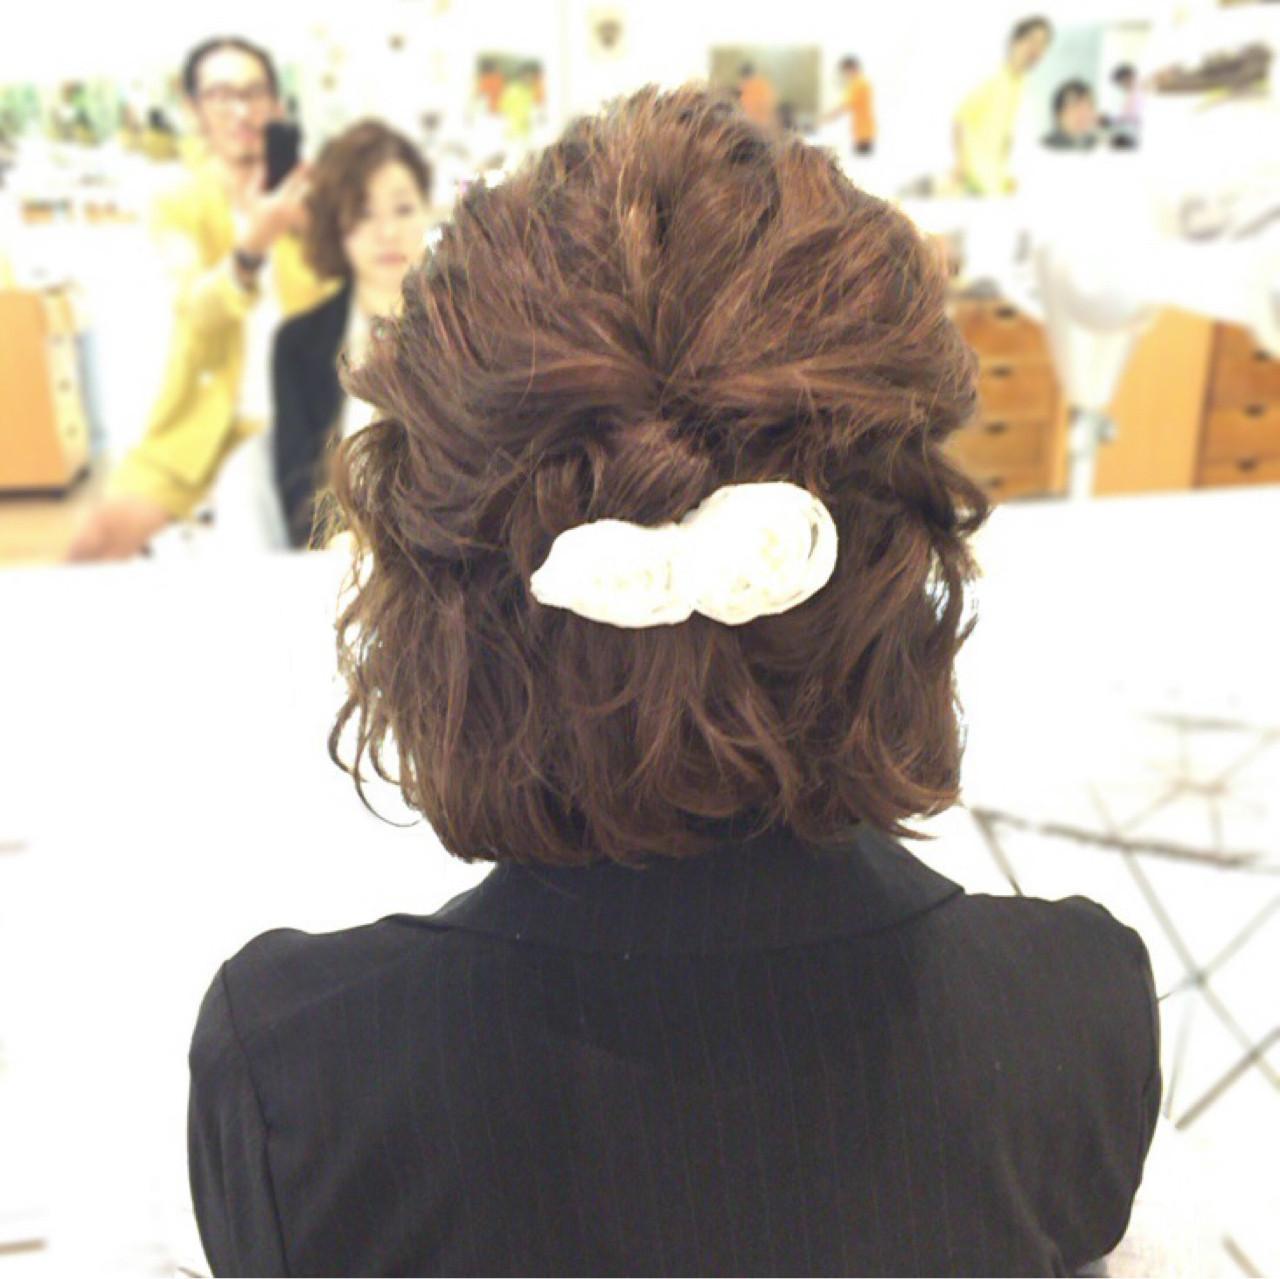 ボブ ヘアアレンジ パーティ 結婚式 ヘアスタイルや髪型の写真・画像